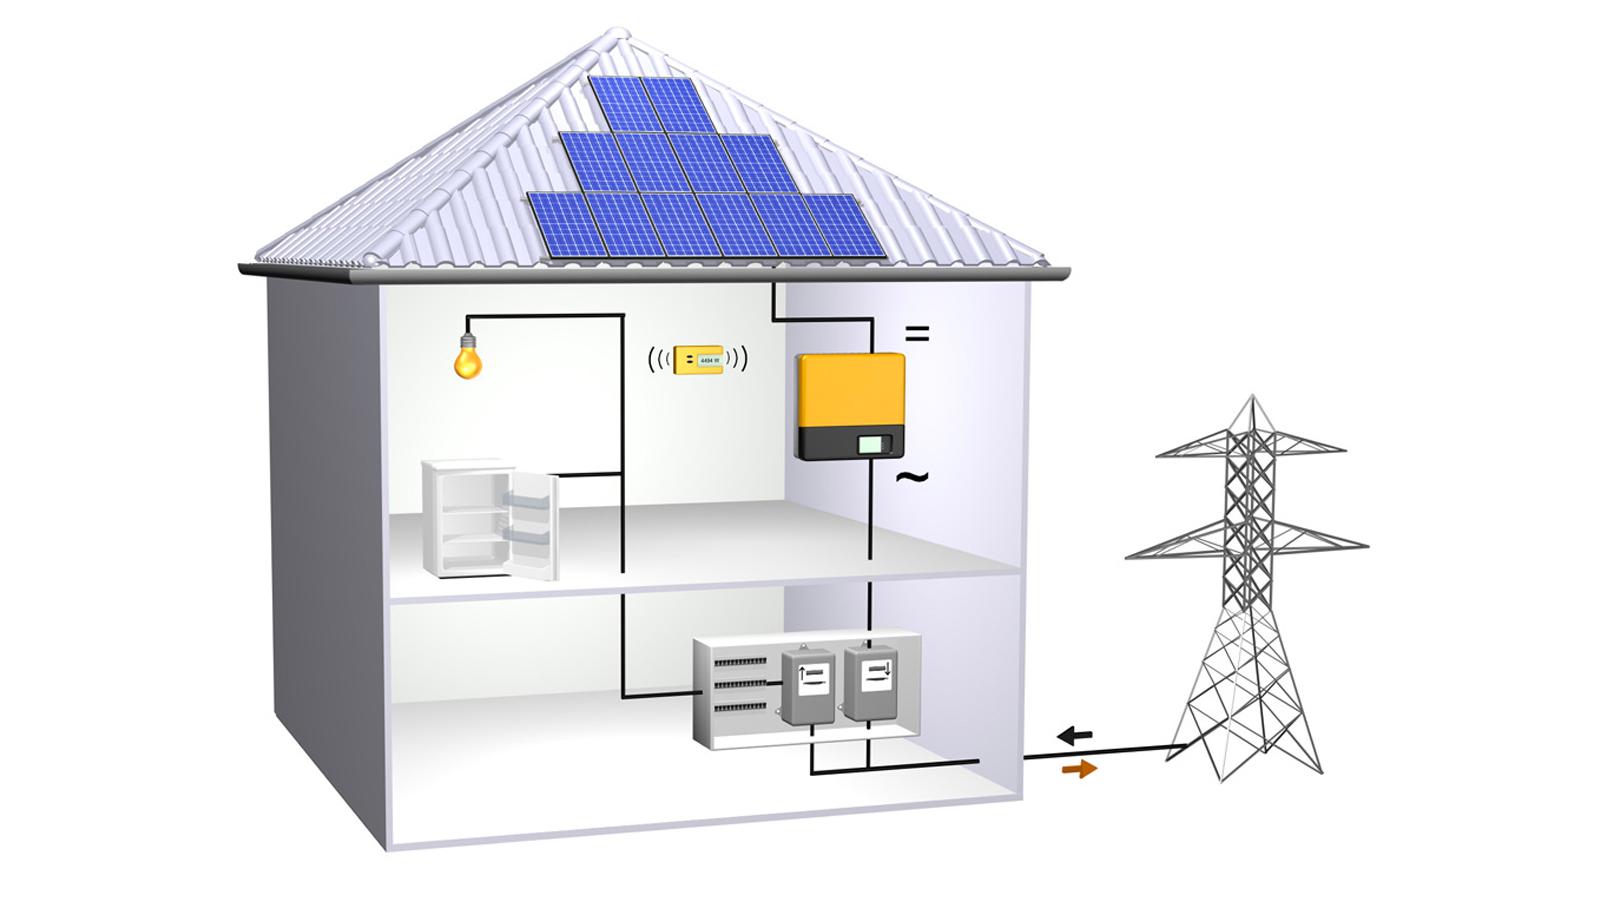 Aansluitingsschema van een fotovoltaïsche installatie op het distributienetwerk Energreen